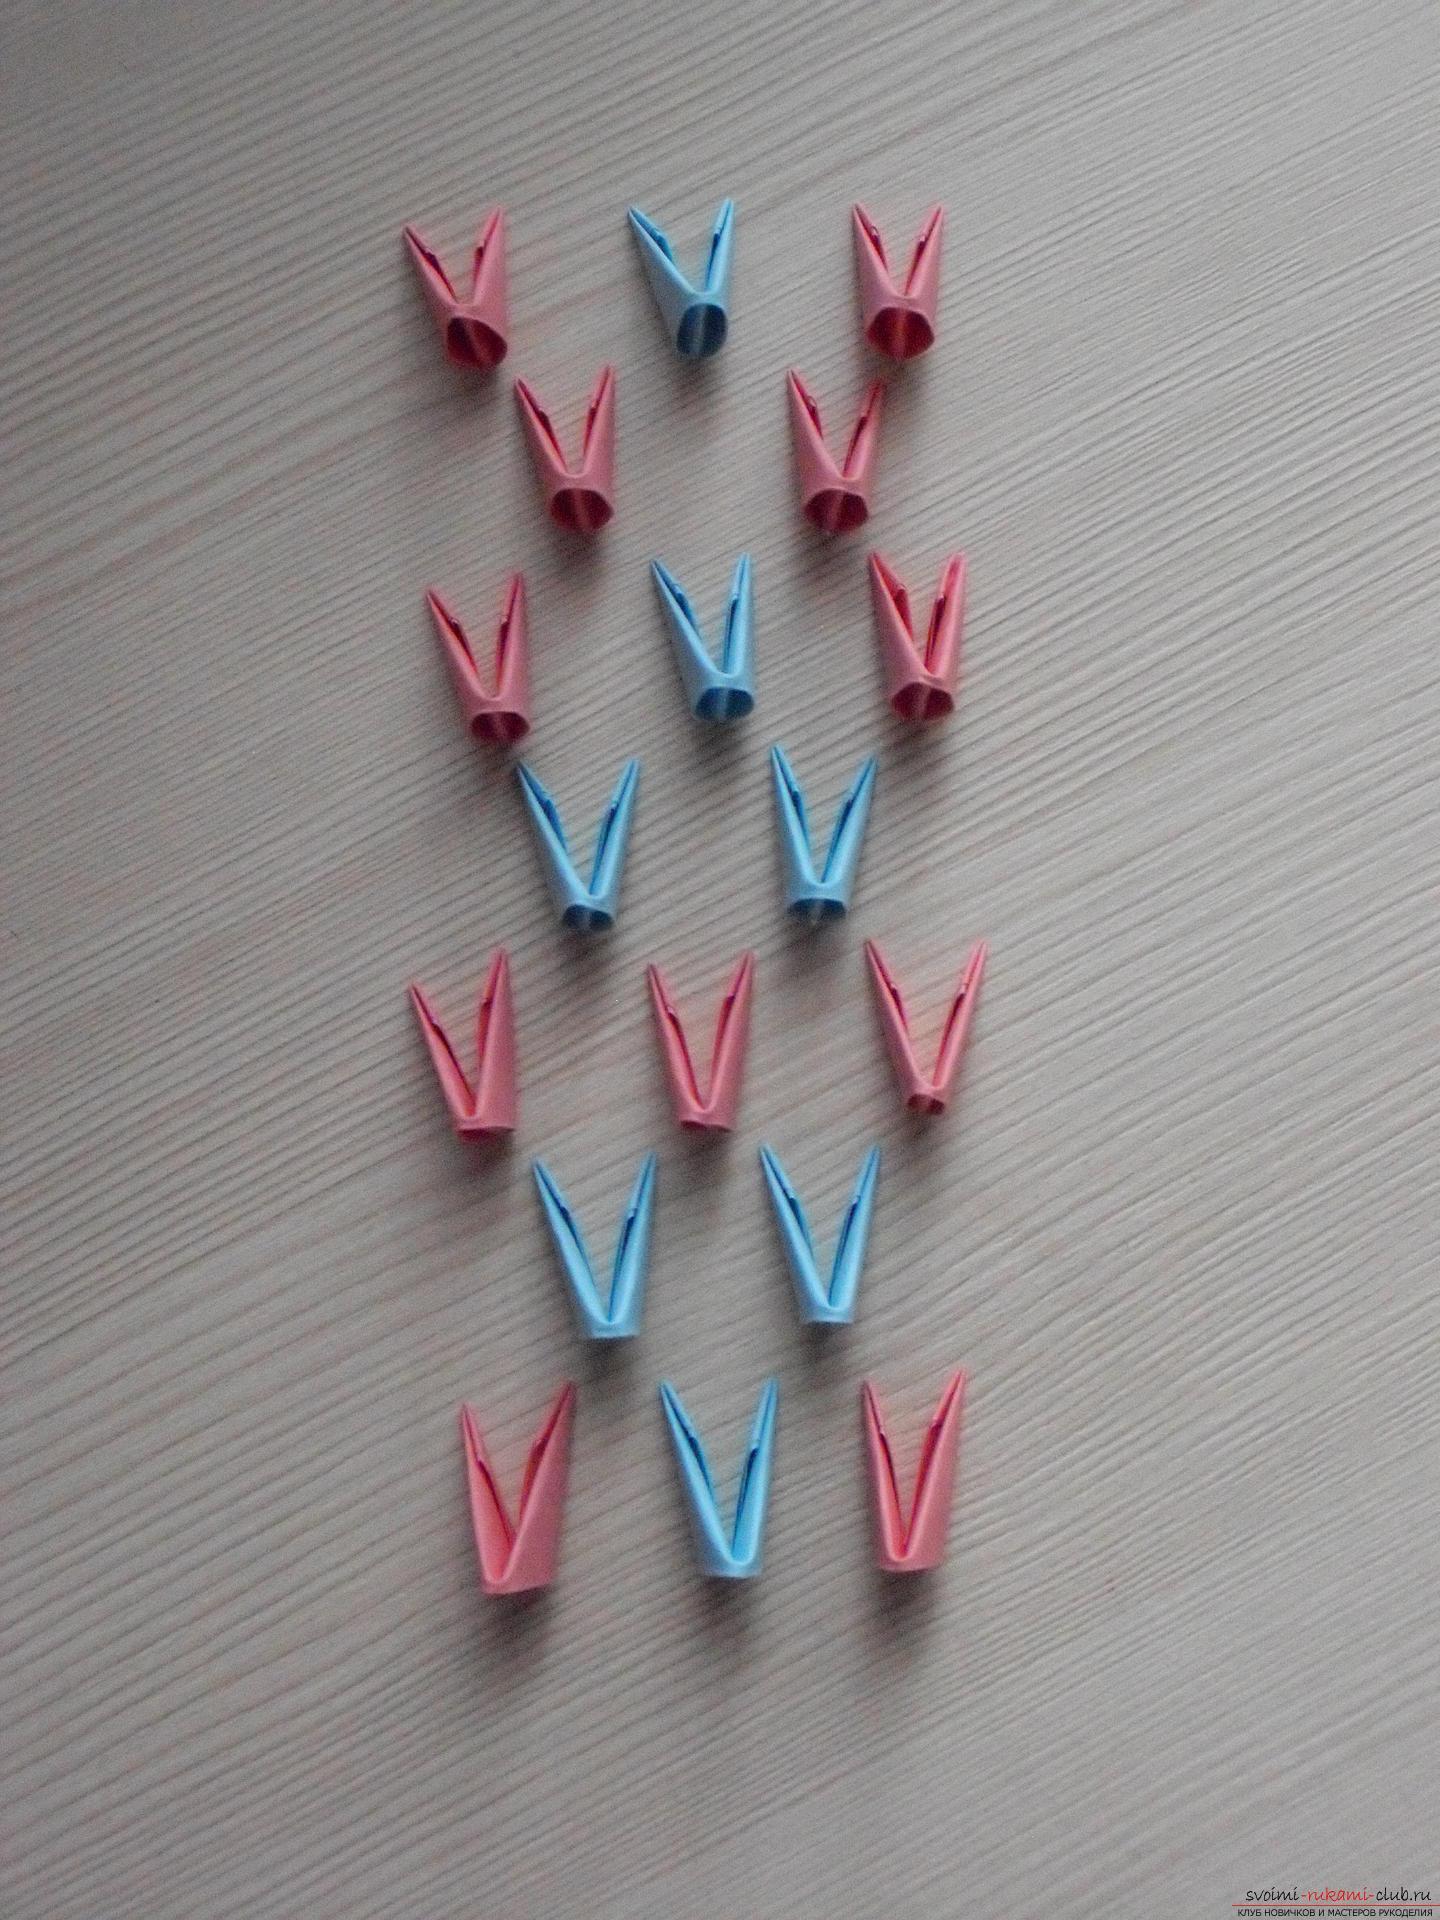 Этот пошаговый мастер-класс с инструкцией модульного оригами научит как сделать корзинку с лилиями.. Фото №13